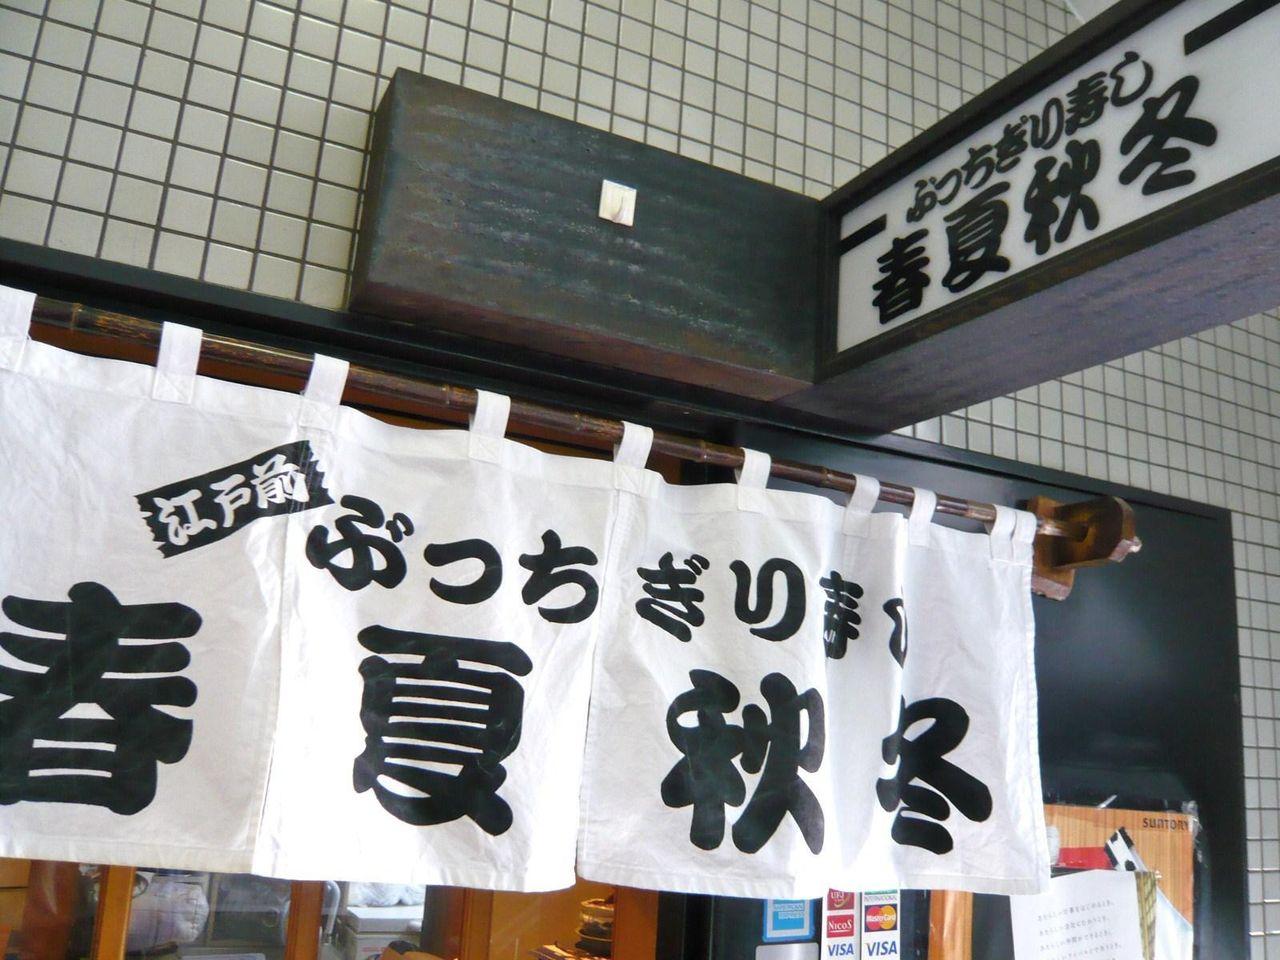 手頃な価格で寿司を食べられる穴場的なお店です!